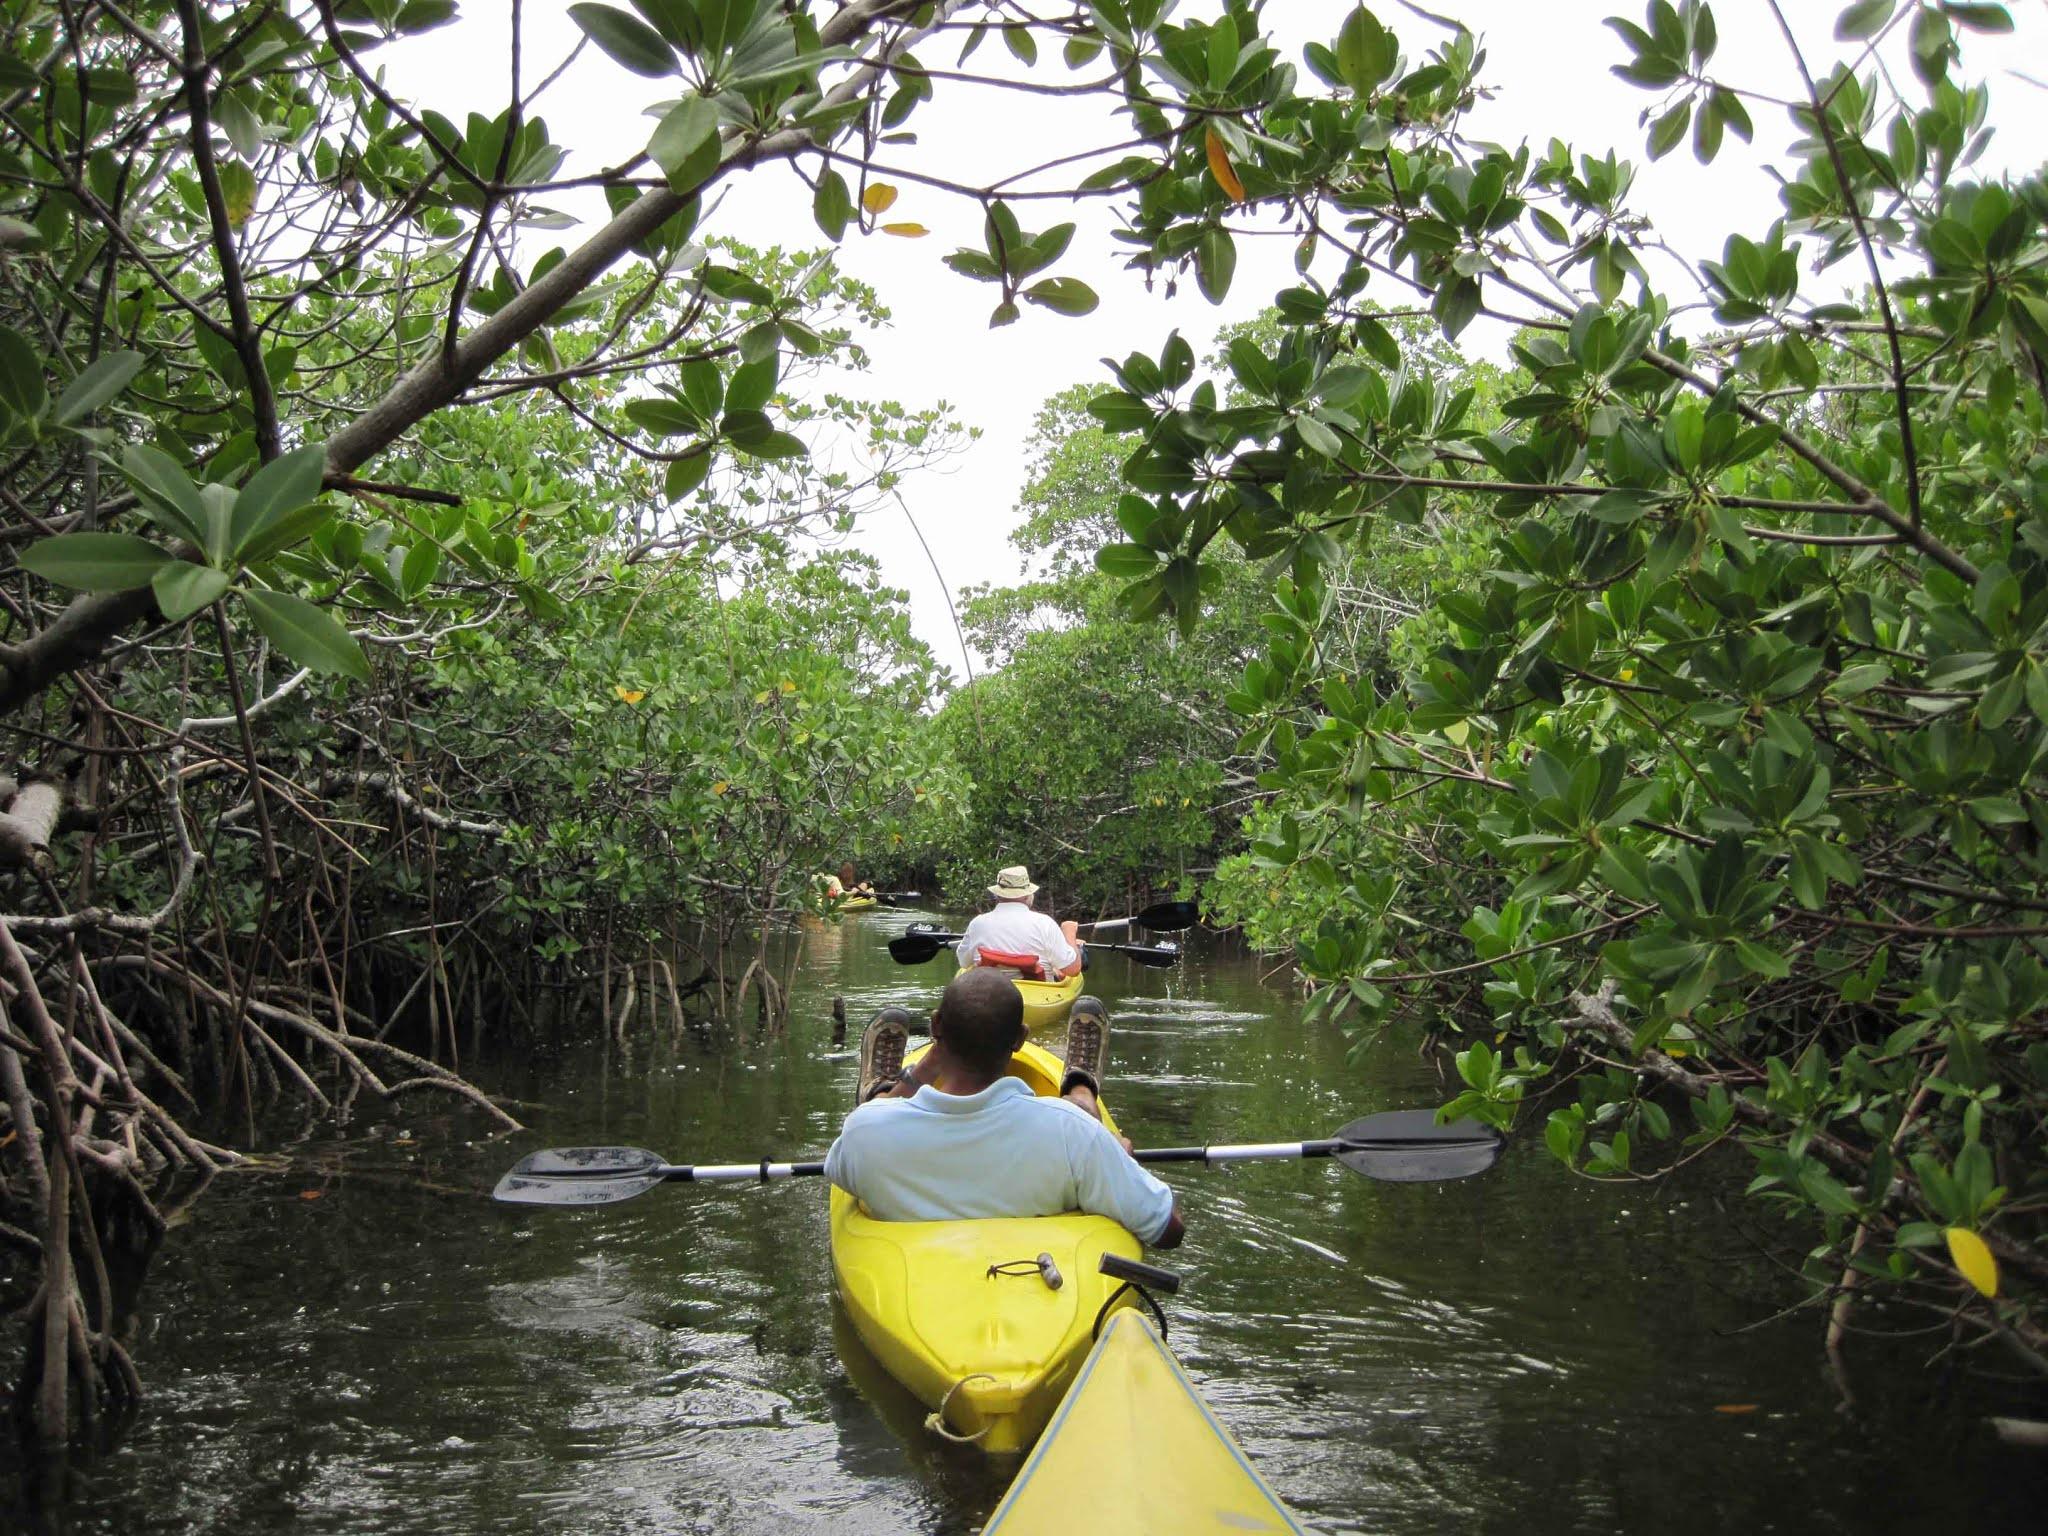 Каяк в Национальном парке Лукаян на Багамах